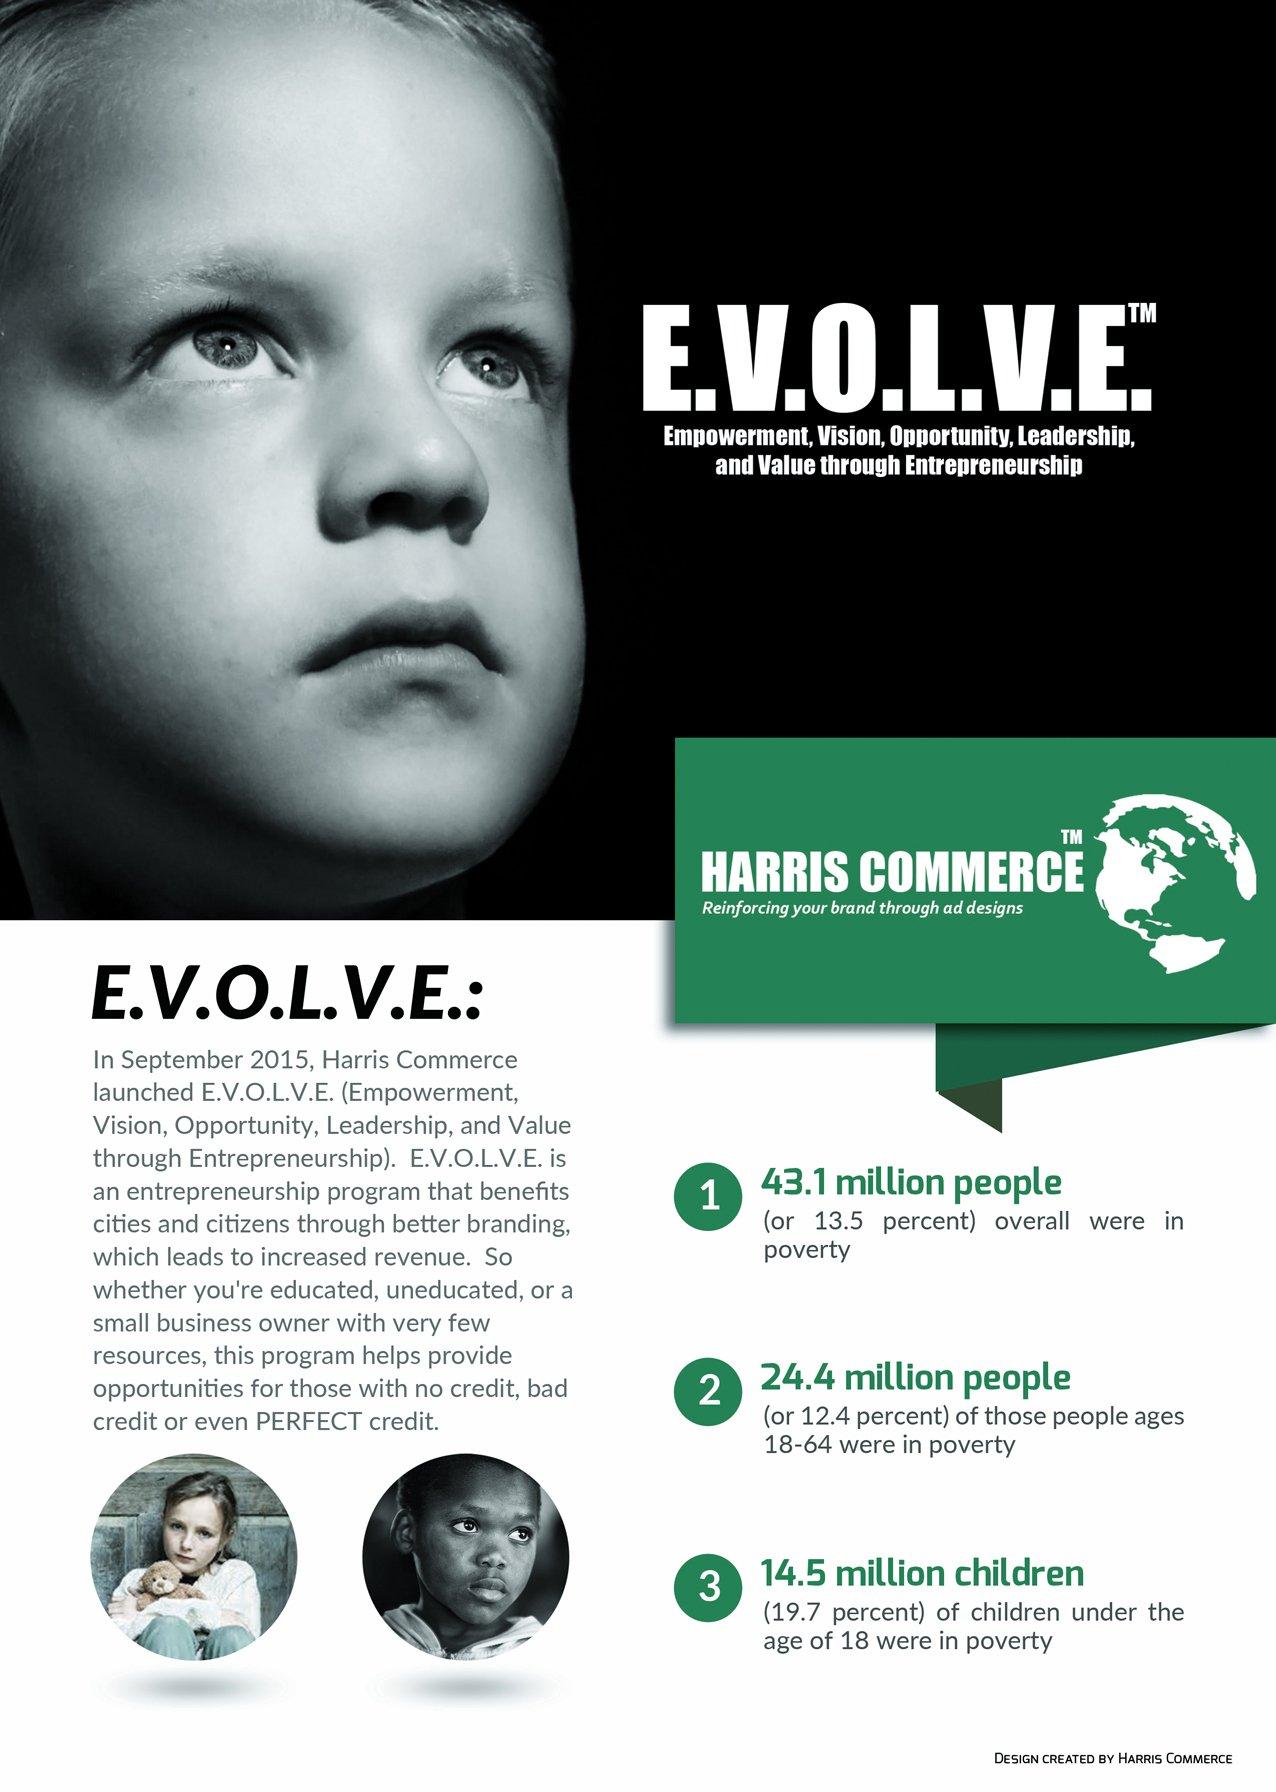 E.V.O.L.V.E. flyer